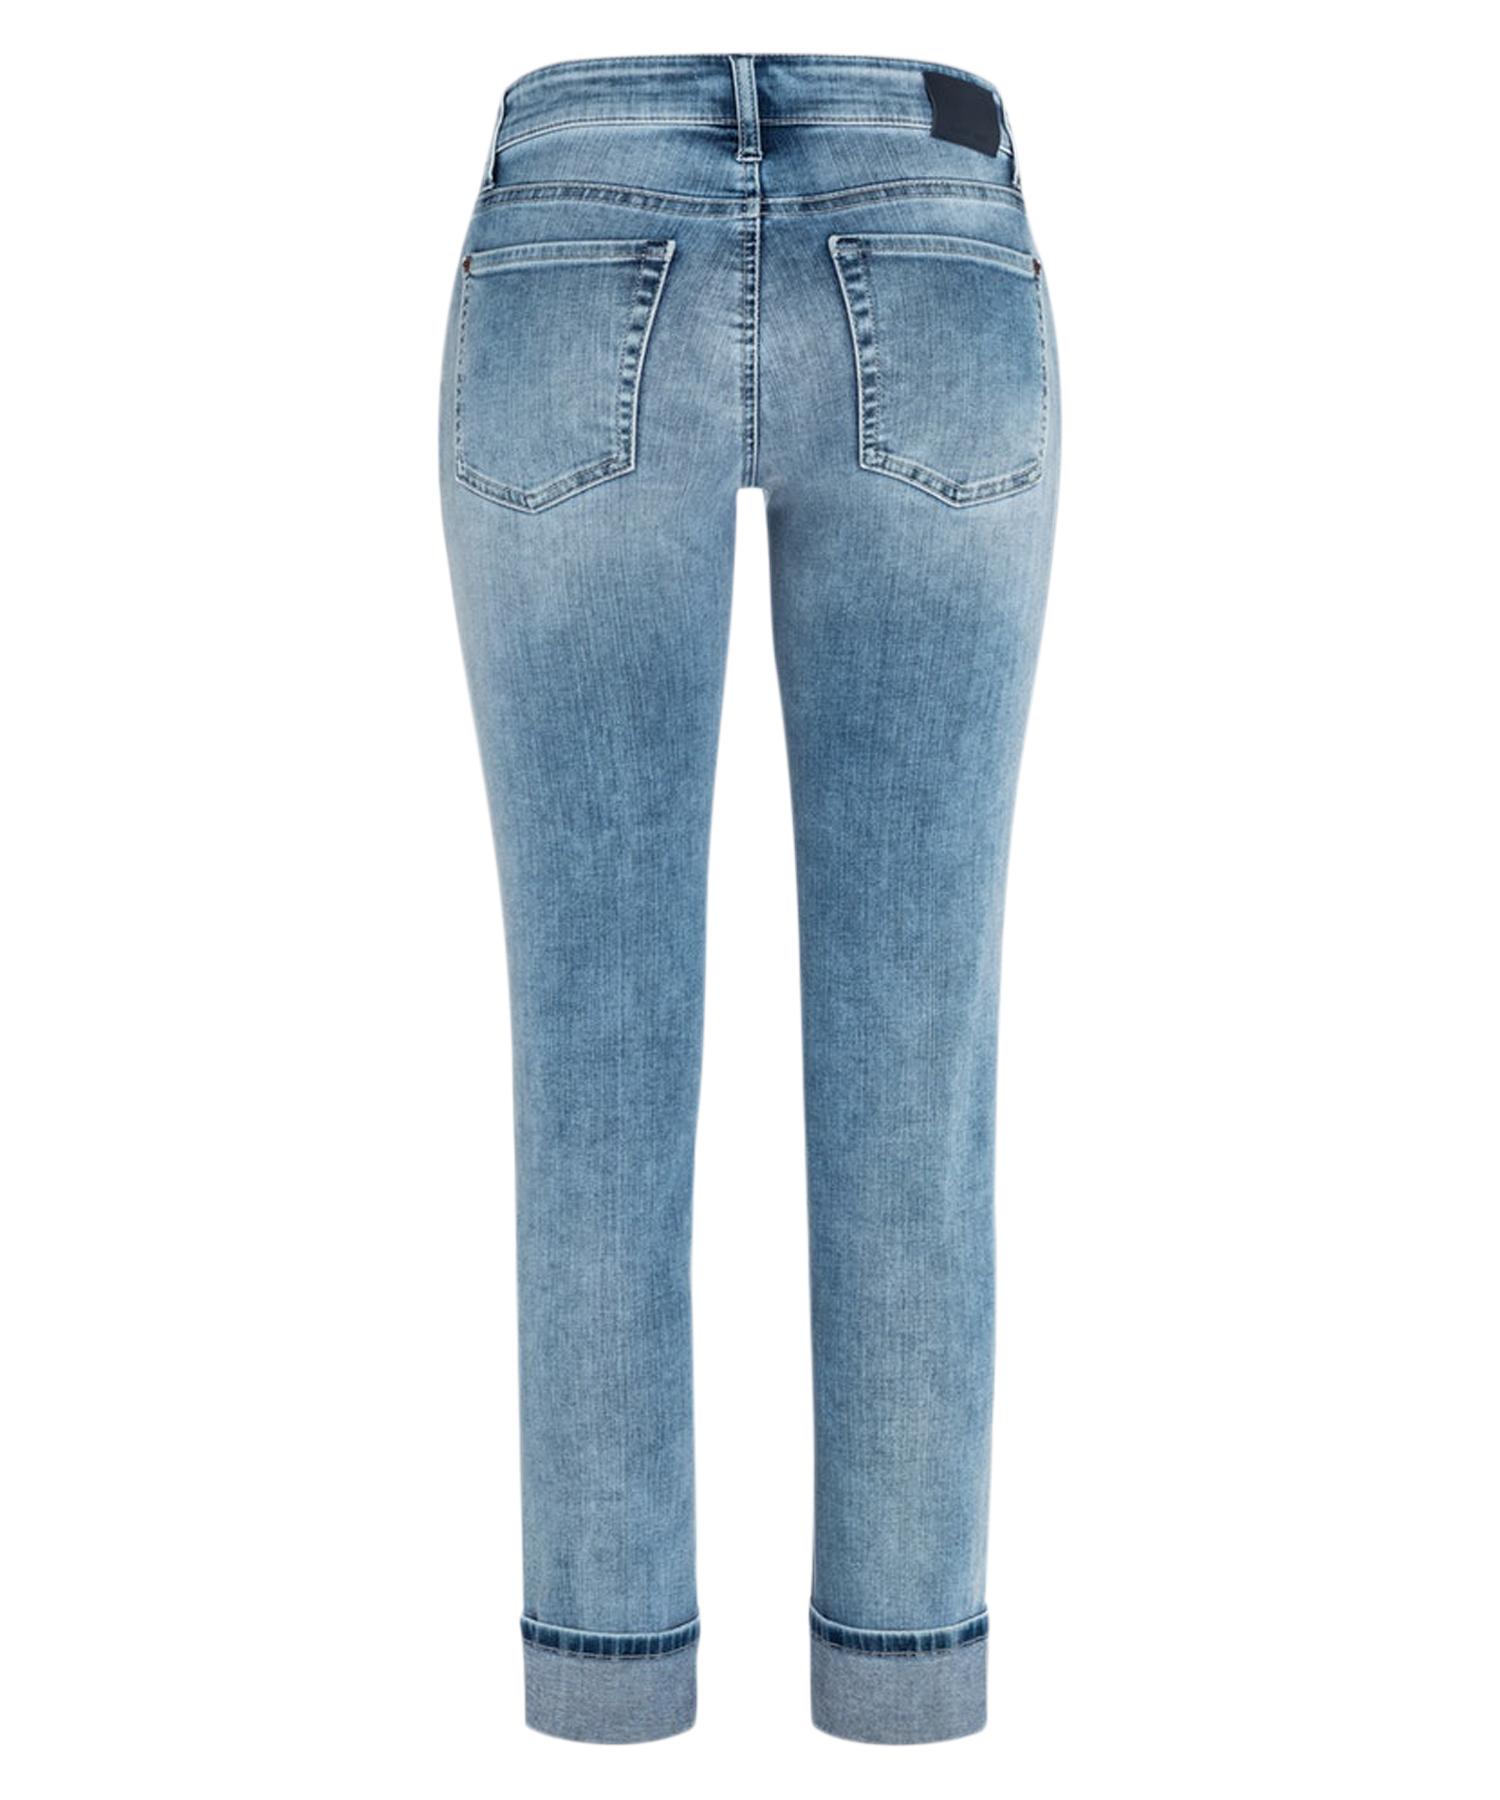 Cambio jeans Tess bleach